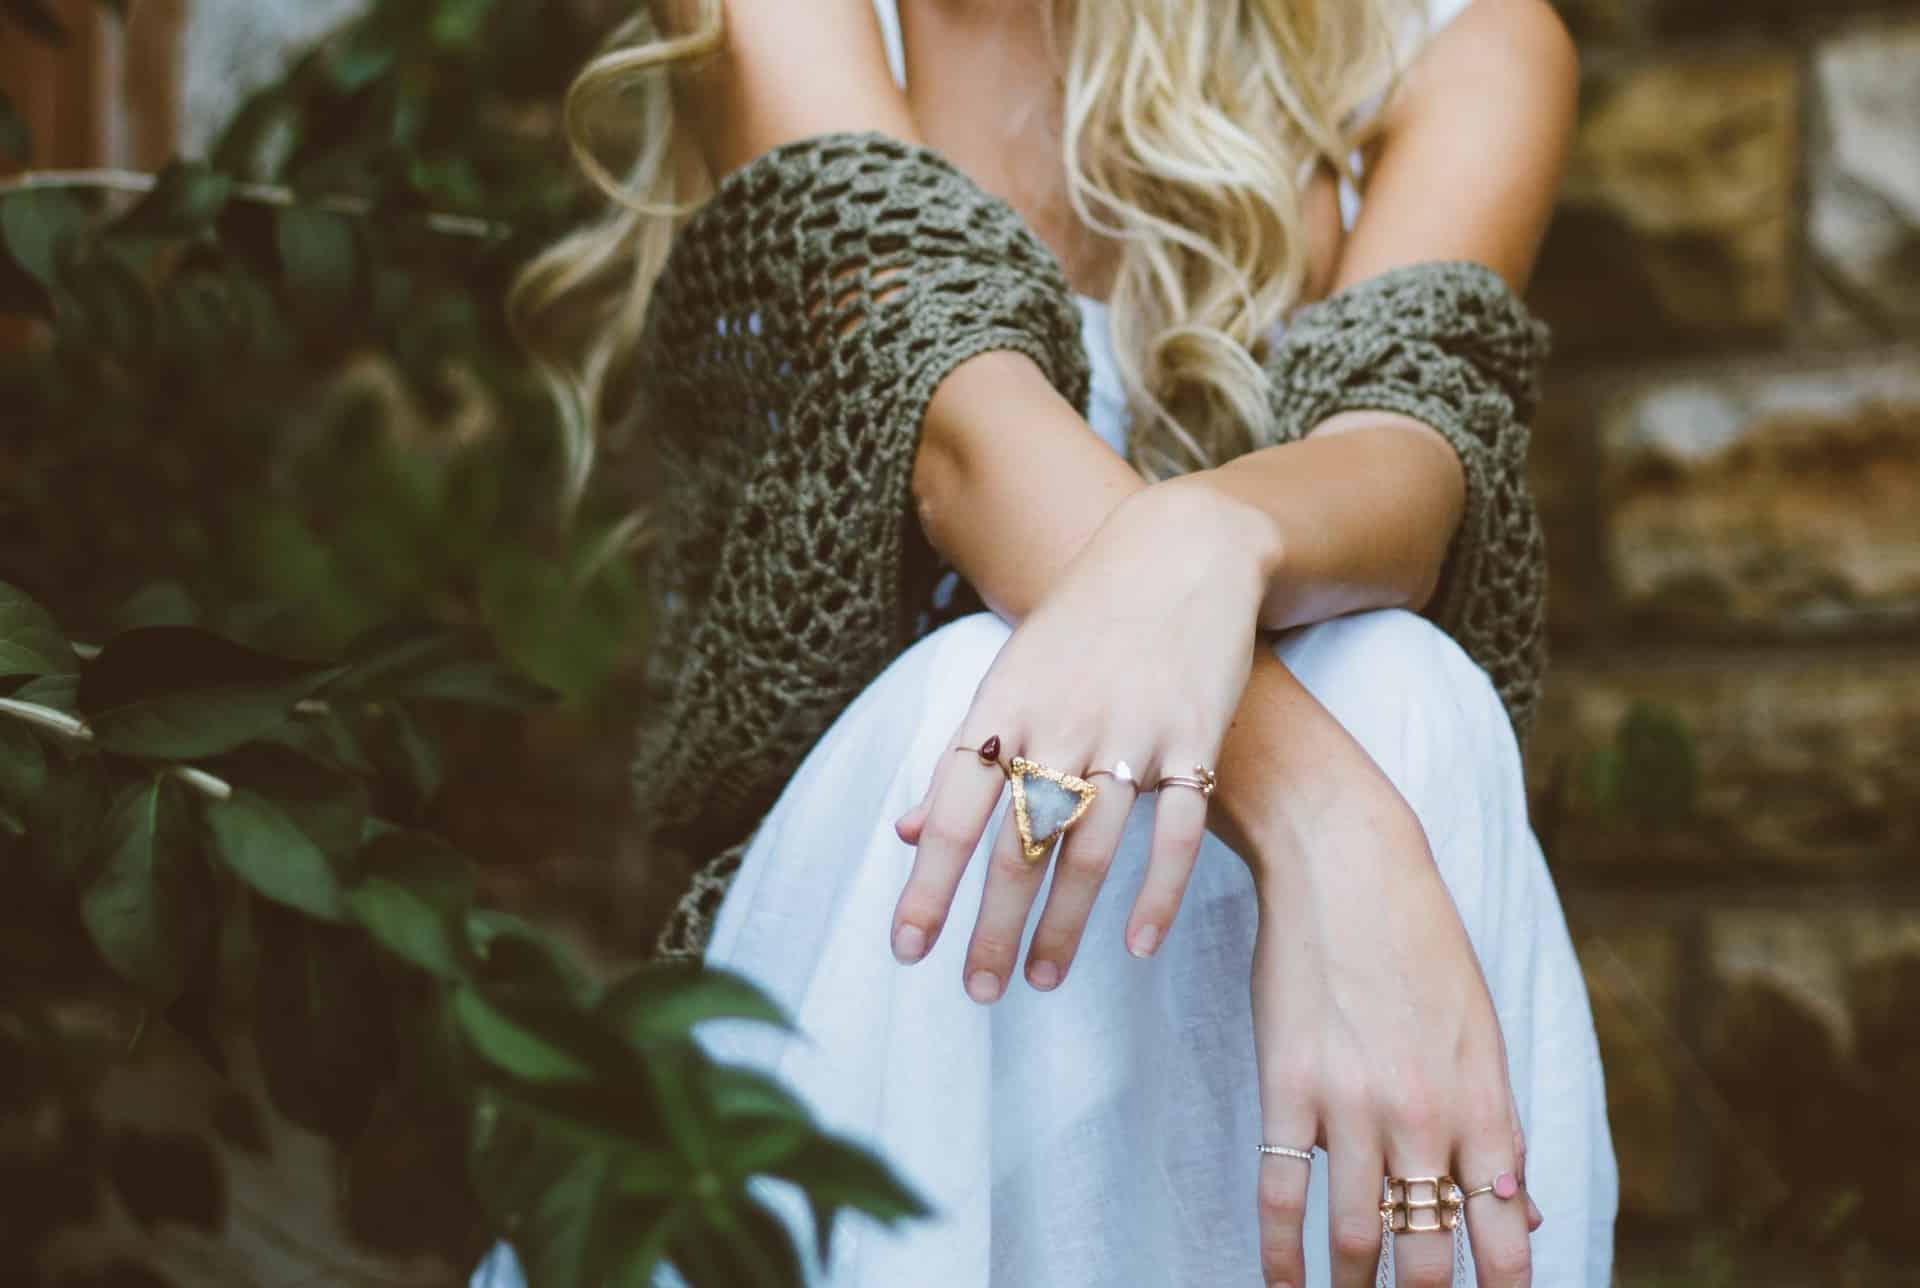 vrouw handen ringen zittend